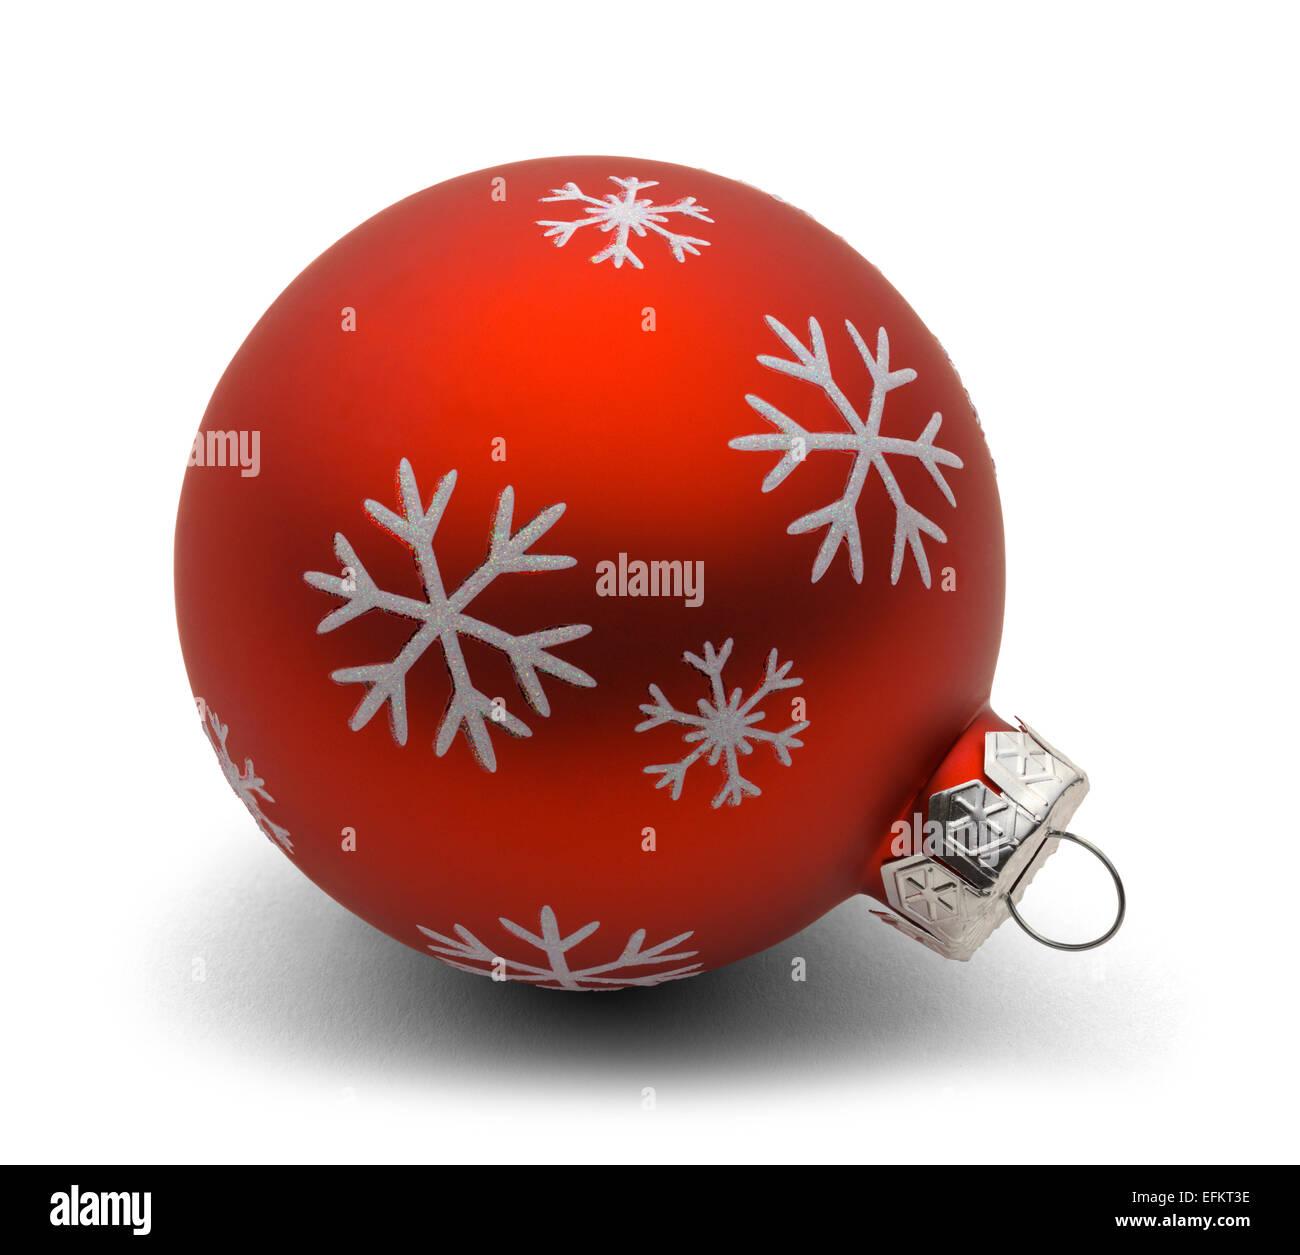 Il vetro della lampadina di Natale con fiocchi di neve isolati su sfondo bianco. Immagini Stock